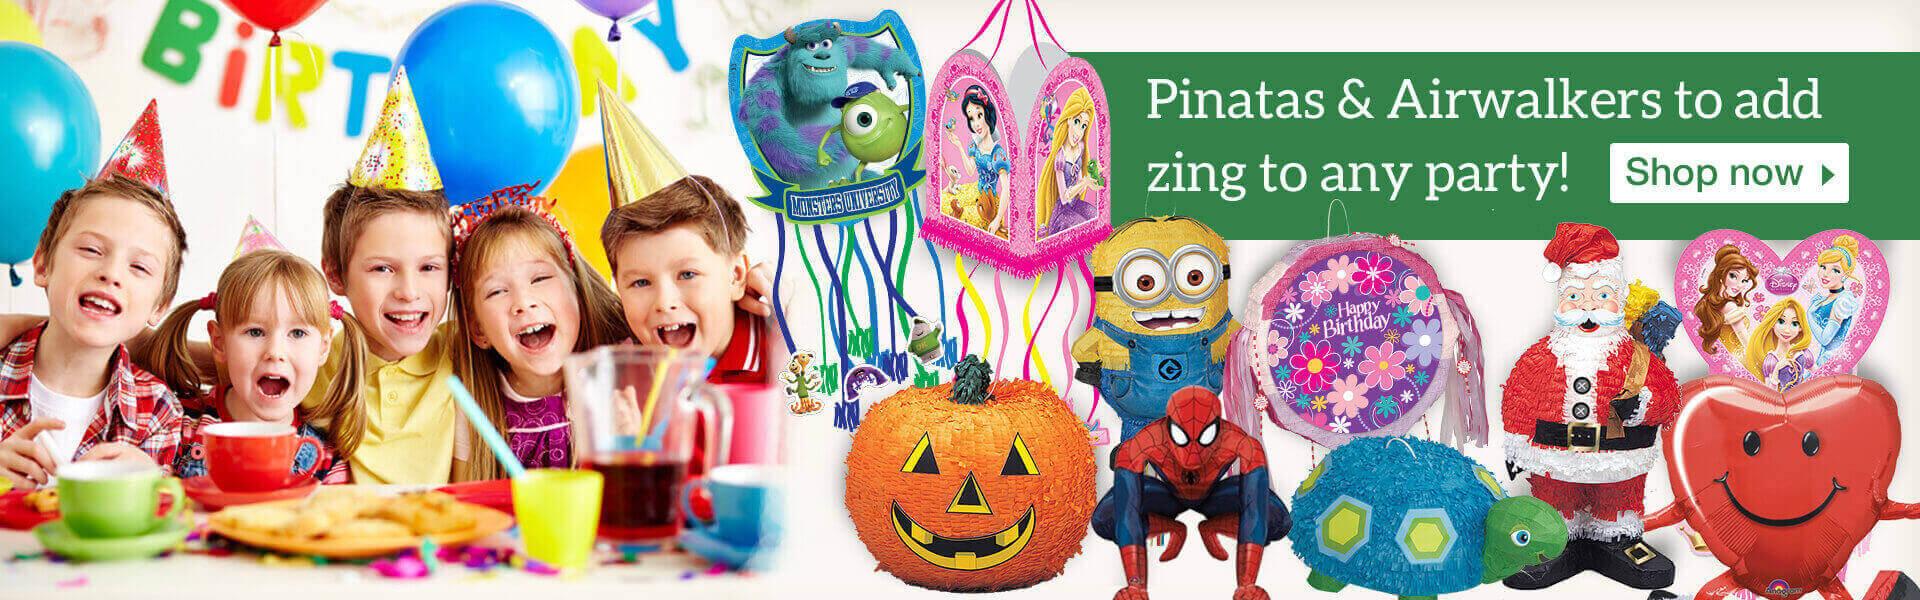 Online Kids Birthday Party Supplies